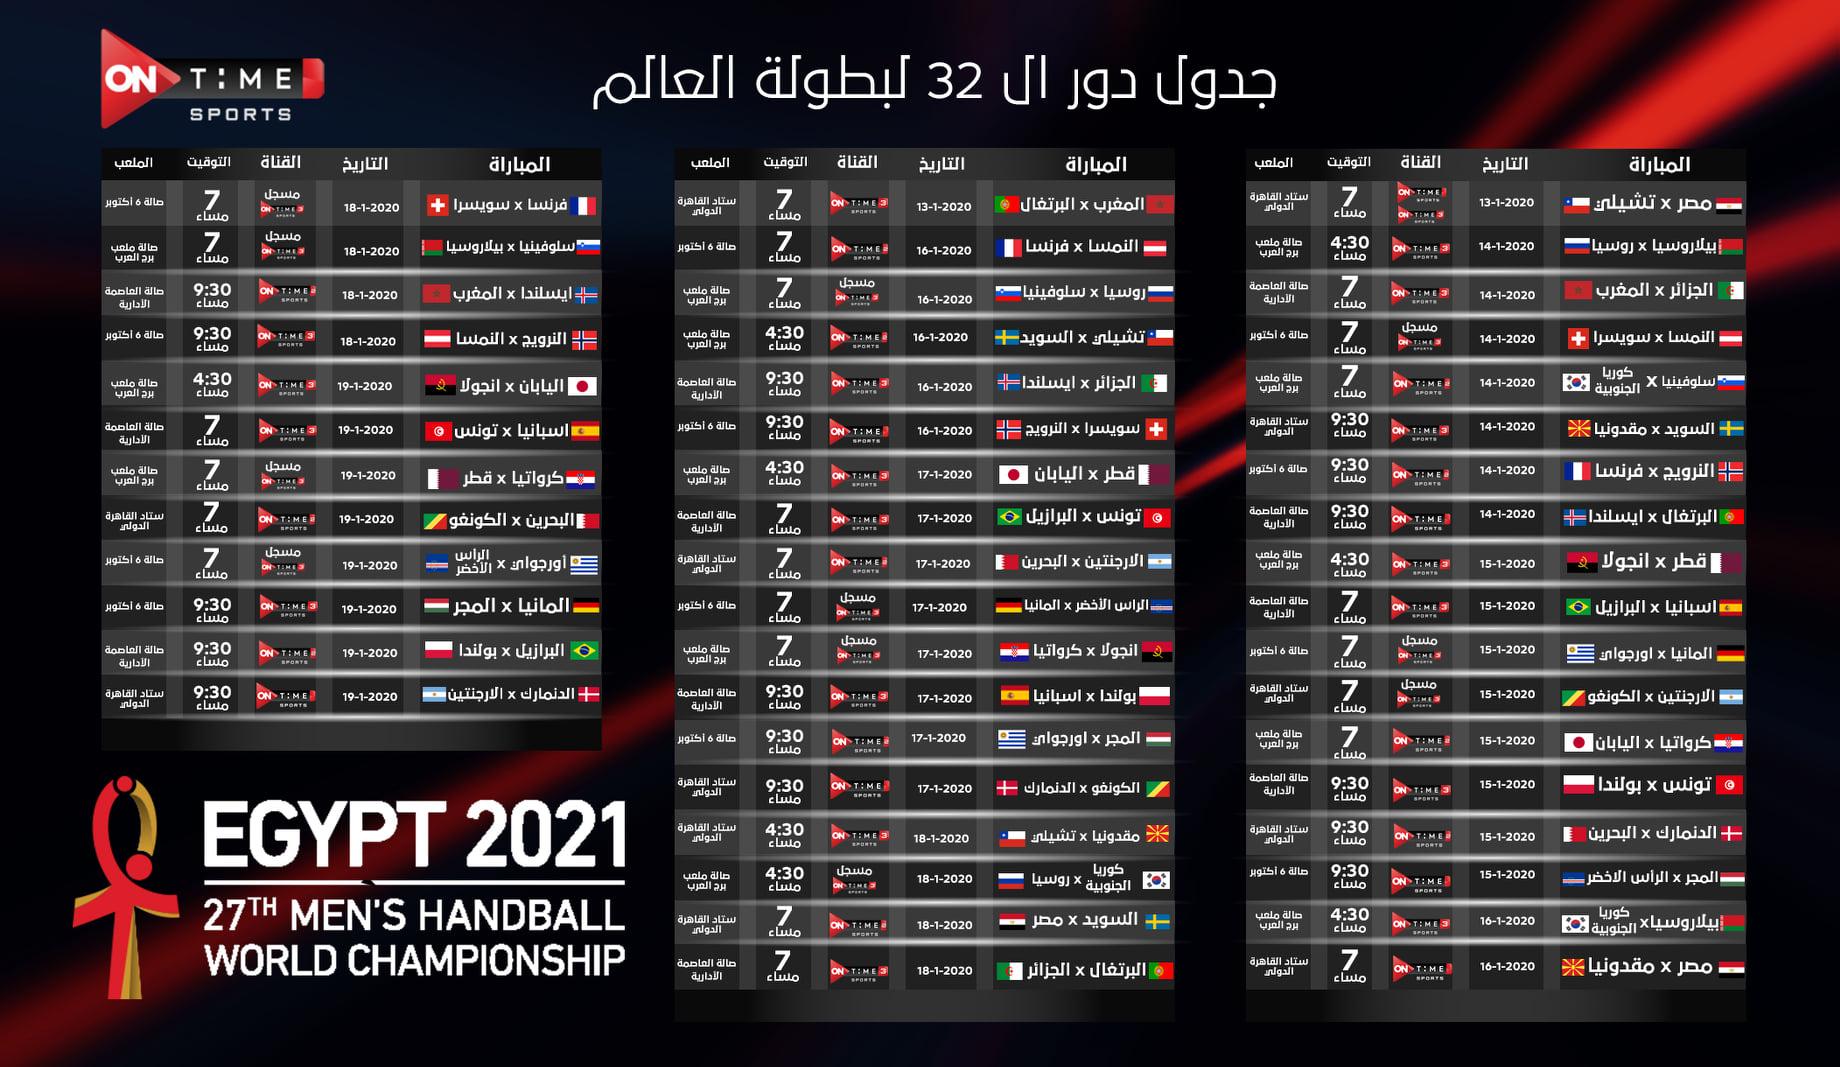 جدول مباريات كأس العالم لكرة اليد 2021